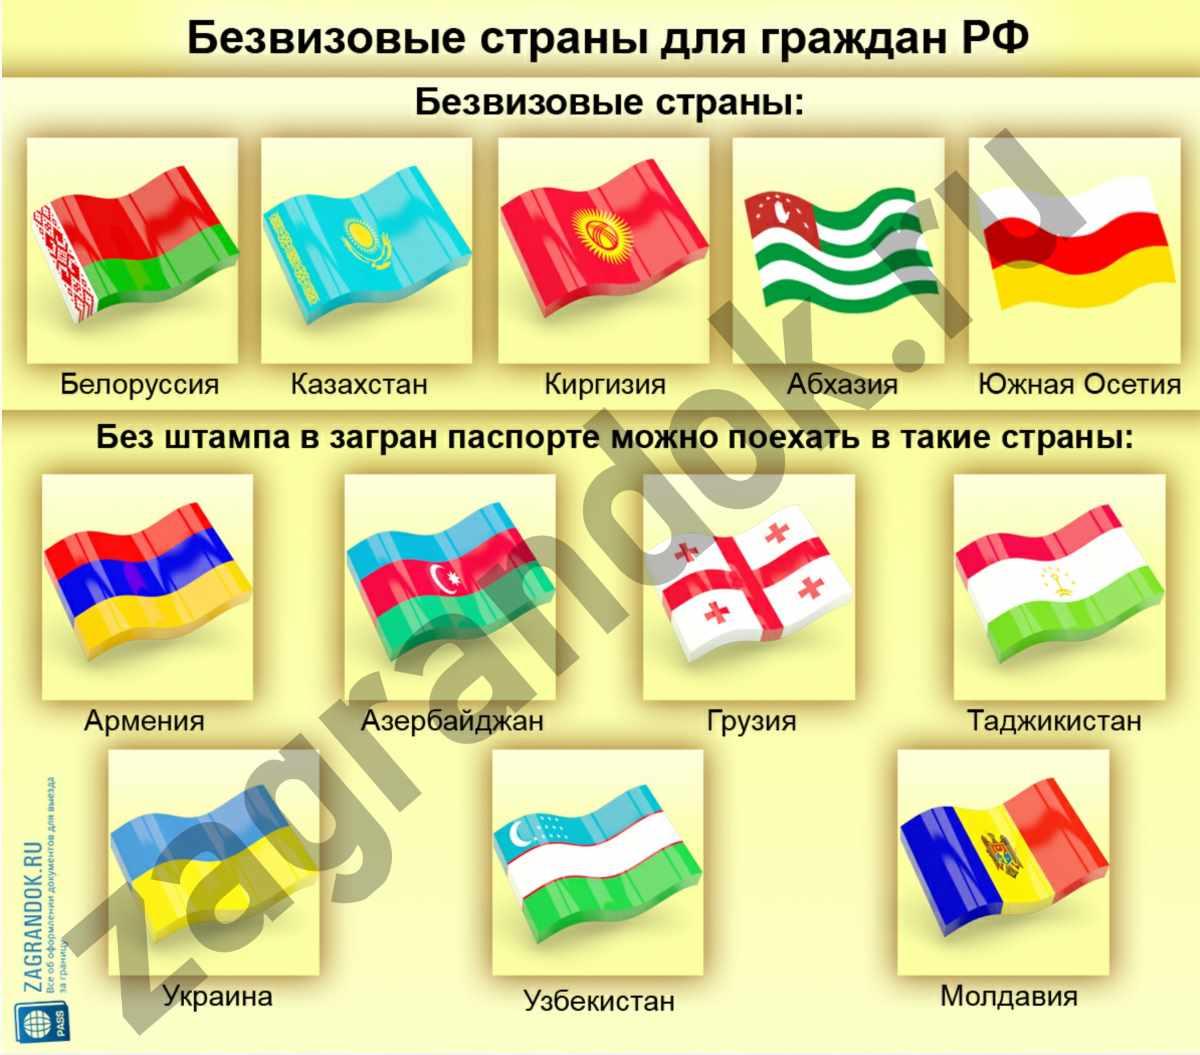 Безвизовые страны для граждан РФ